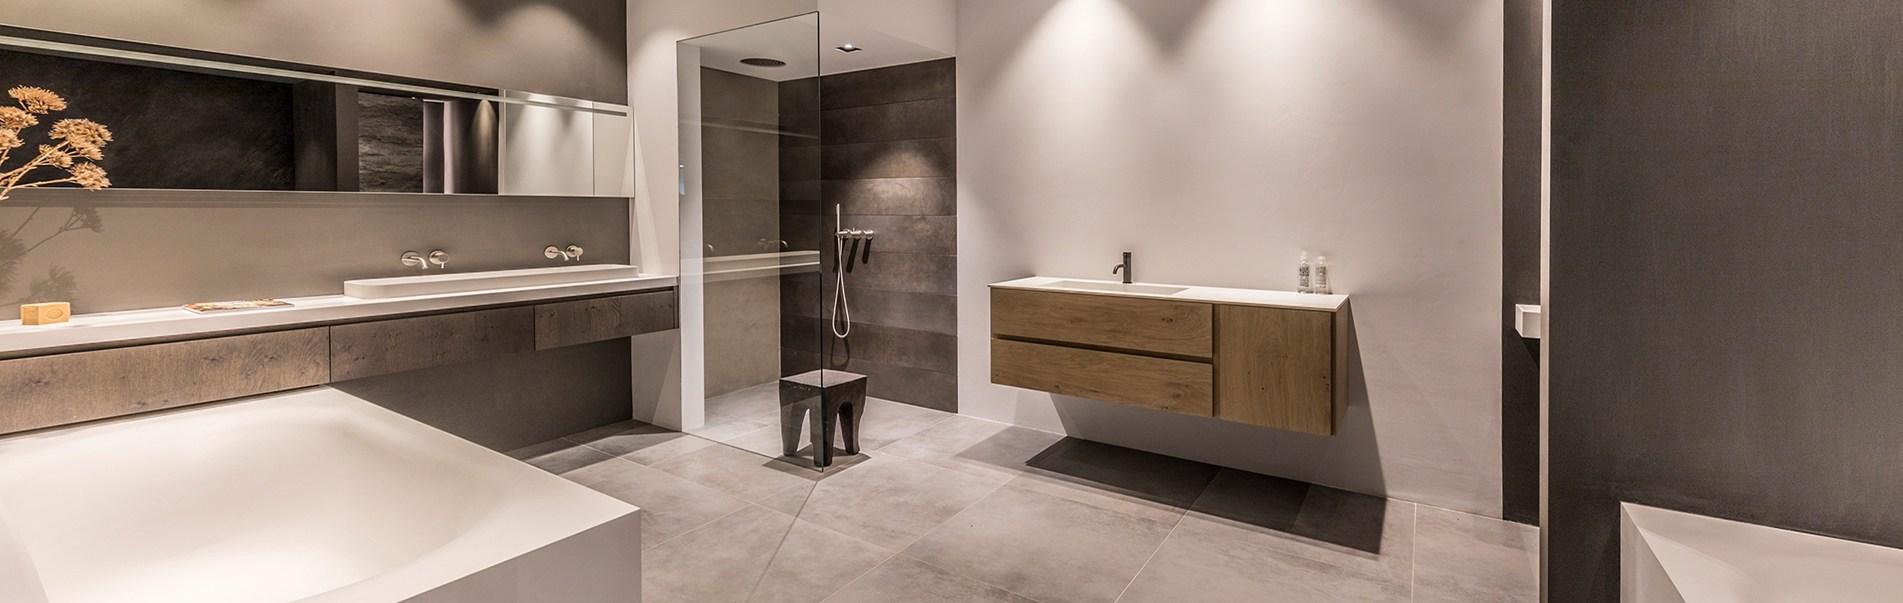 B Dutch badkamers. Design badkamers. Een Nederlands design label met diverse badkamer concepten en alle elementen voor een luxe design badkamer.